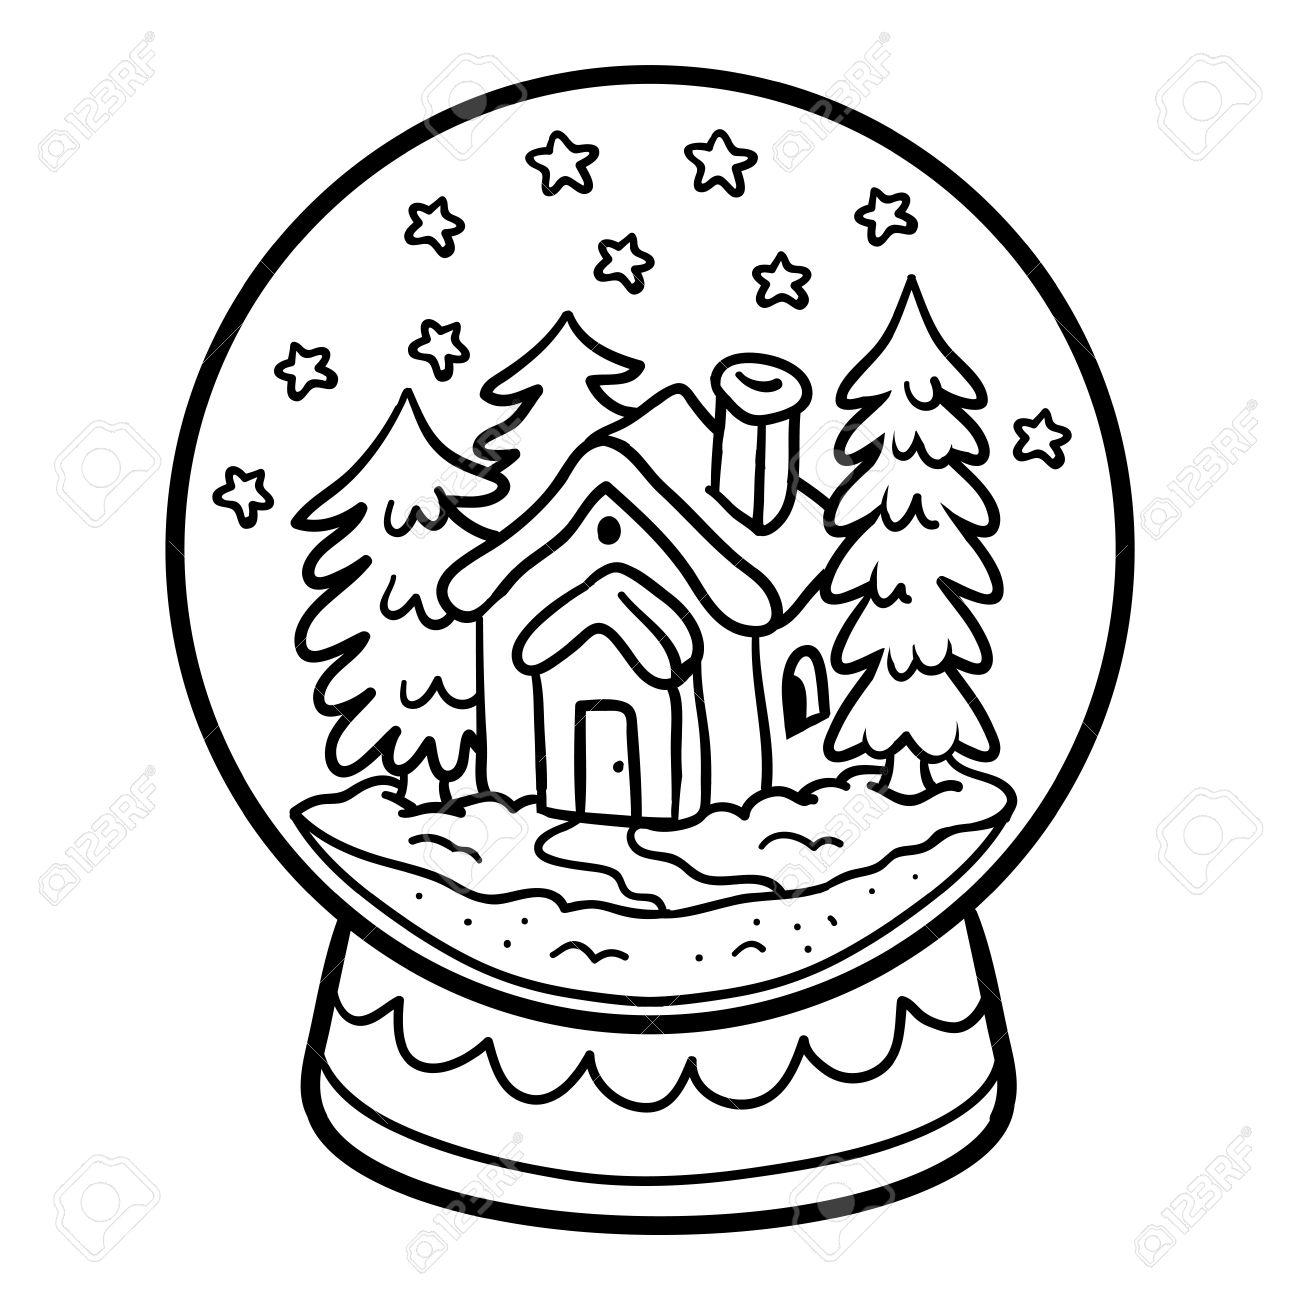 子供のための塗り絵冬の家の雪だるまのイラスト素材ベクタ Image